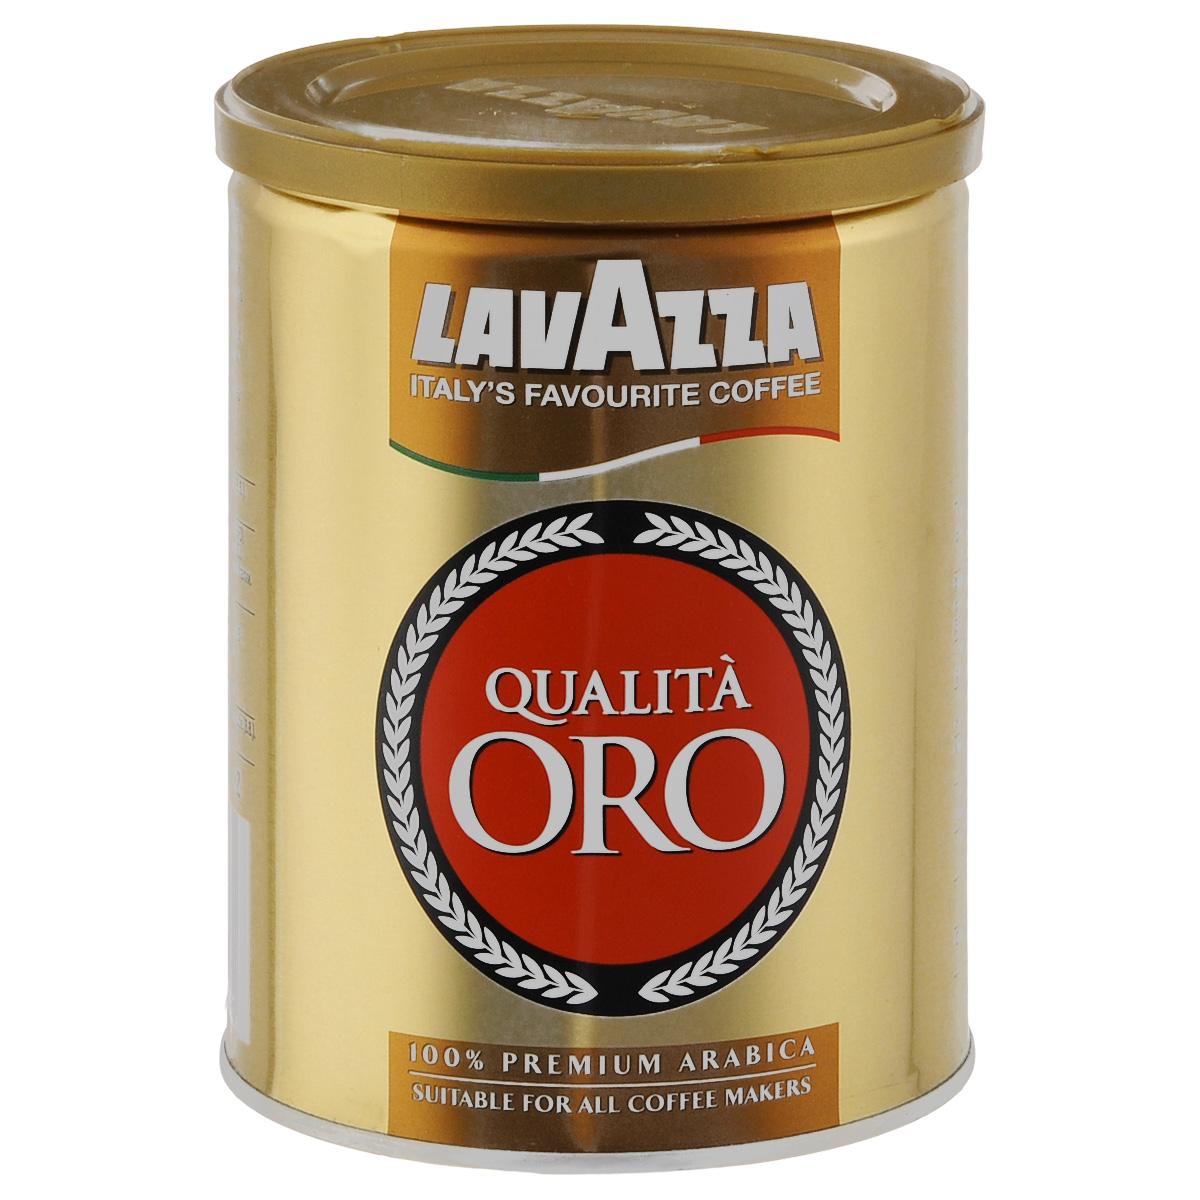 Lavazza Qualita Oro кофе молотый, 250 г101246Молотый кофе Lavazza Qualita Oro является превосходной смесью из 100% арабики, выращенной на плантациях Центральной и Южной Америки. Золотая смесь Lavazza Qualita Oro отличается нежным, легко узнаваемым ароматом. Кофе Lavazza Qualita Oro демонстрирует легкую сладость и приятный кислый вкус. Полнота вкуса кофейных зерен сохраняется благодаря медленной средней обжарке.